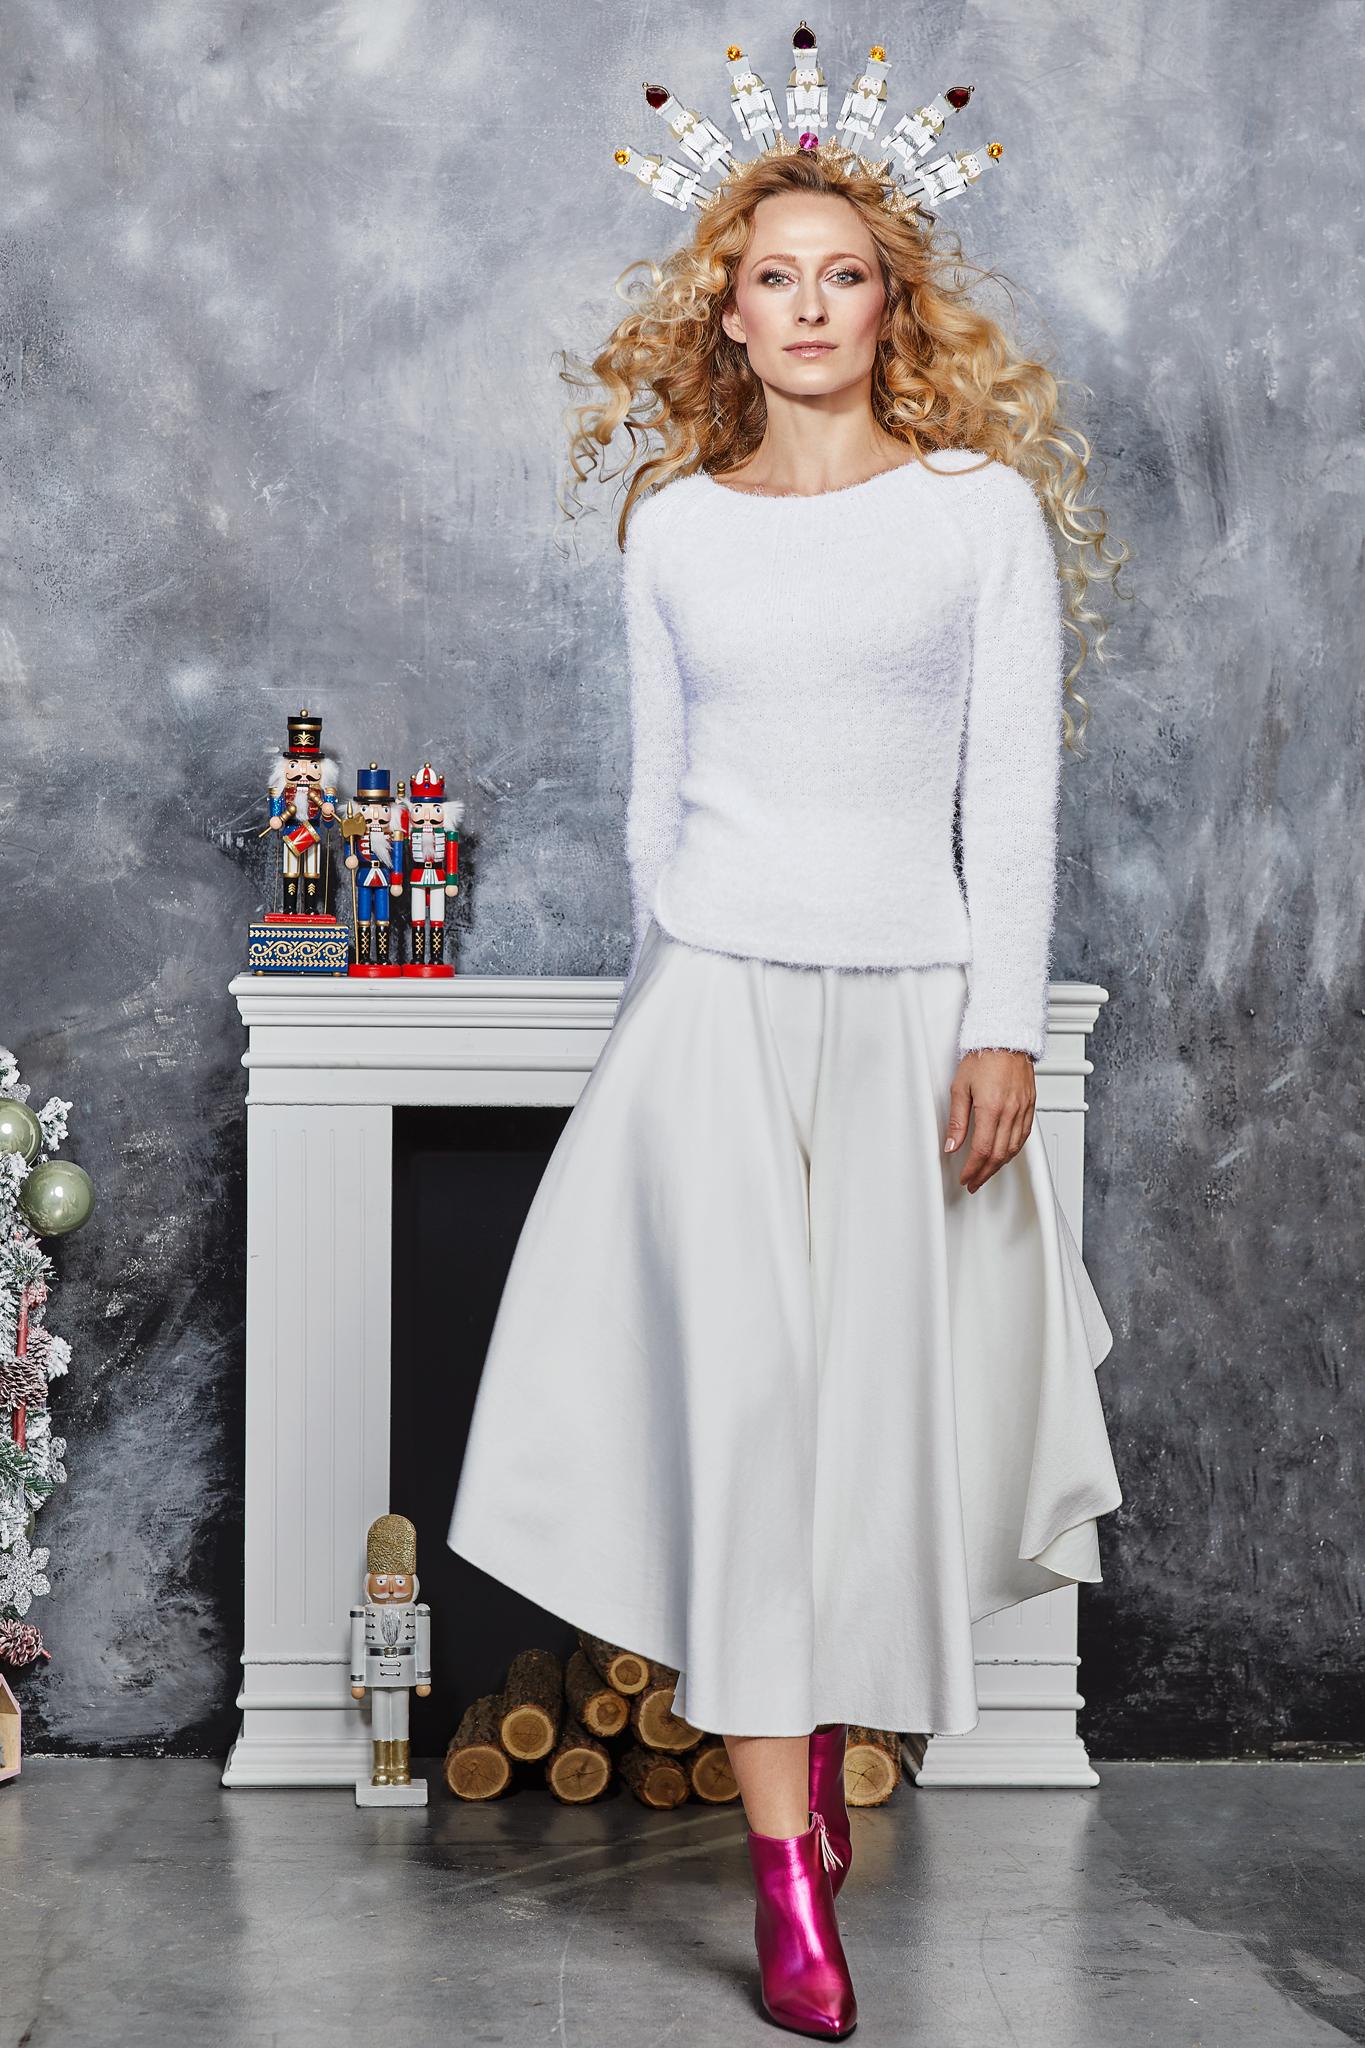 Karácsony közeledtével mi nők szeretünk mindig egy kis csillogást vinni az  otthonunk dekorálásába és ha bármelyik bevásárlóközpontban nézelődünk d0b46f5e5b